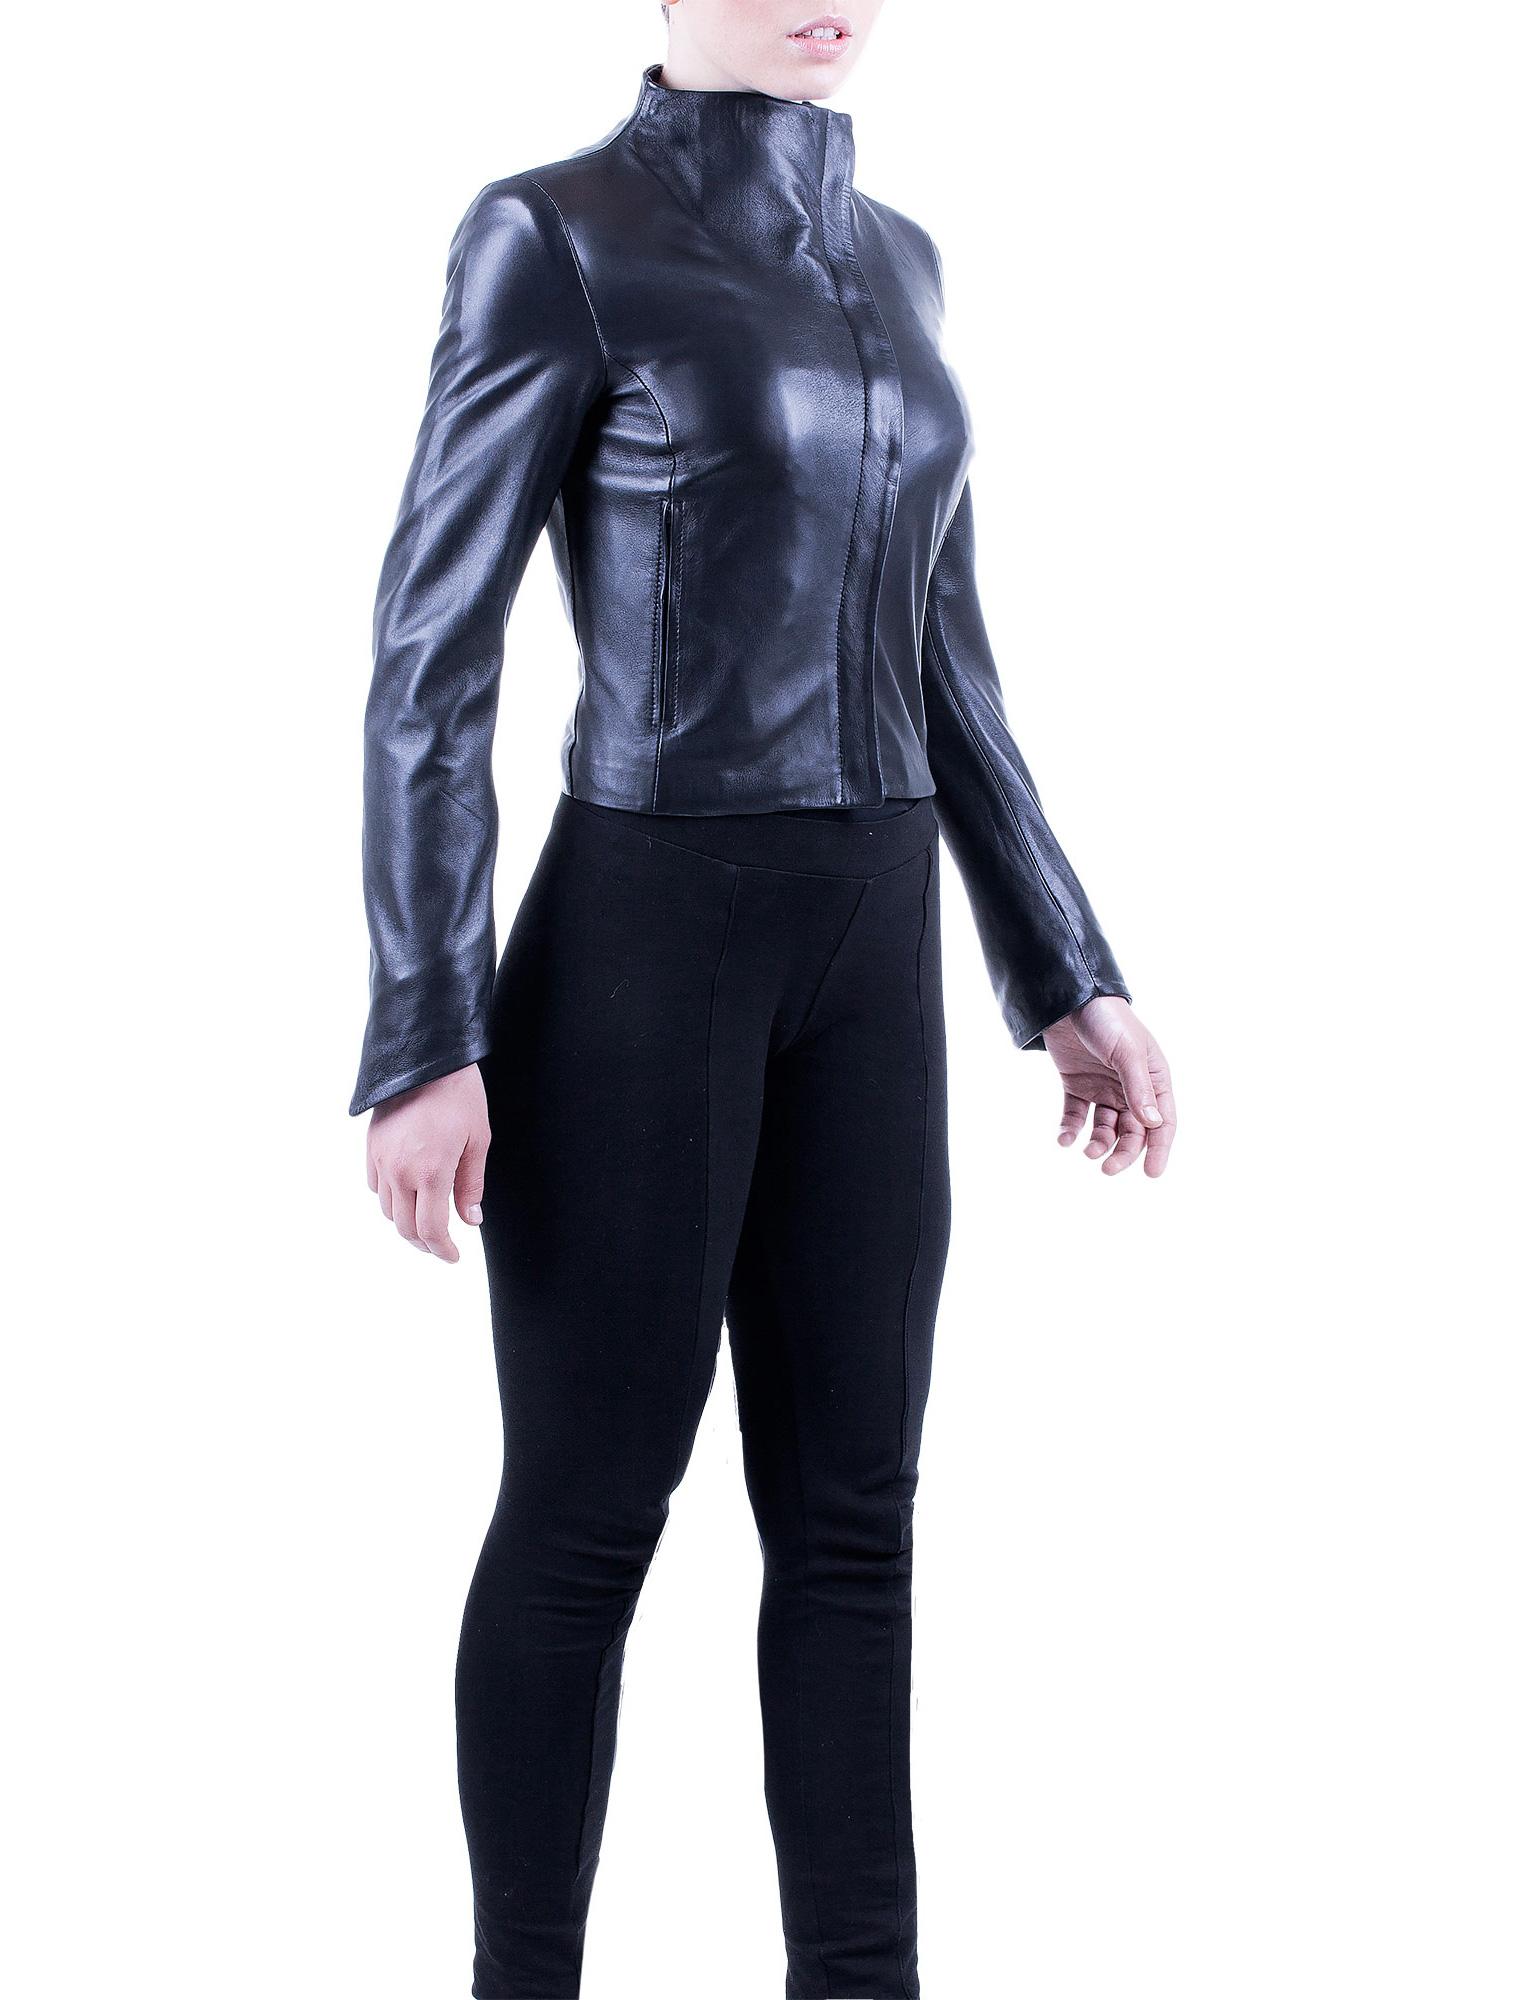 Hermes Short Leather Jacket - Janni Derma